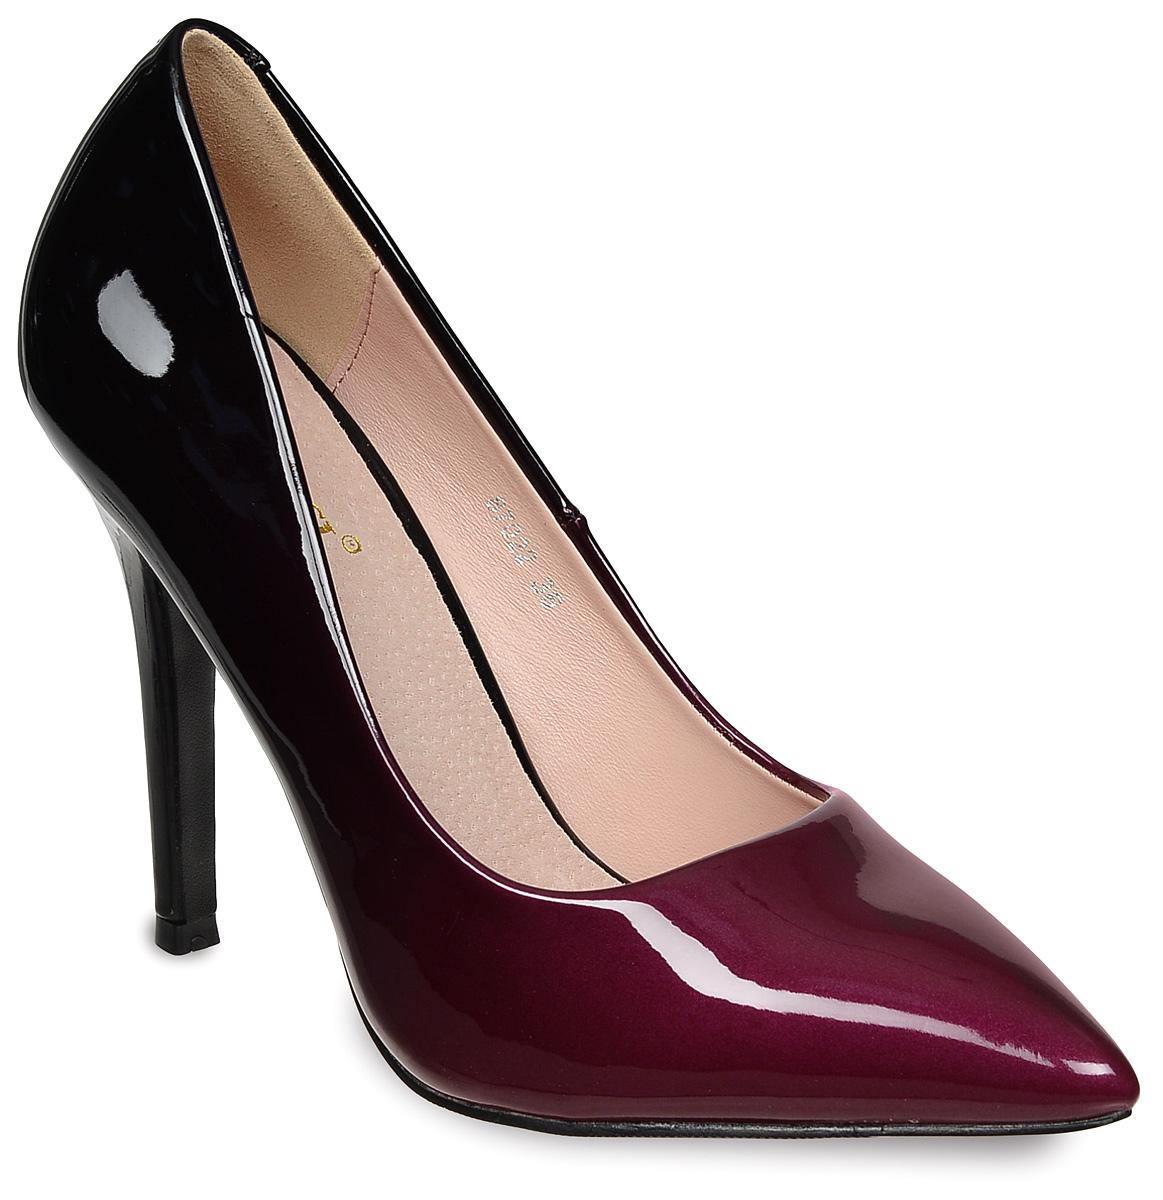 Туфли женские Vitacci, цвет: черный, красный. 87022. Размер 3687022Стильные женские туфли Vitacci изготовлены из лакированной искусственной кожи. Цвет изделия плавно переходит из одного в другой. Зауженный носок добавит женственности в ваш образ, а высокий каблук-шпилька достаточно устойчив. Подошва из термопластичного материала с рельефным протектором обеспечивает отличное сцепление на любой поверхности.